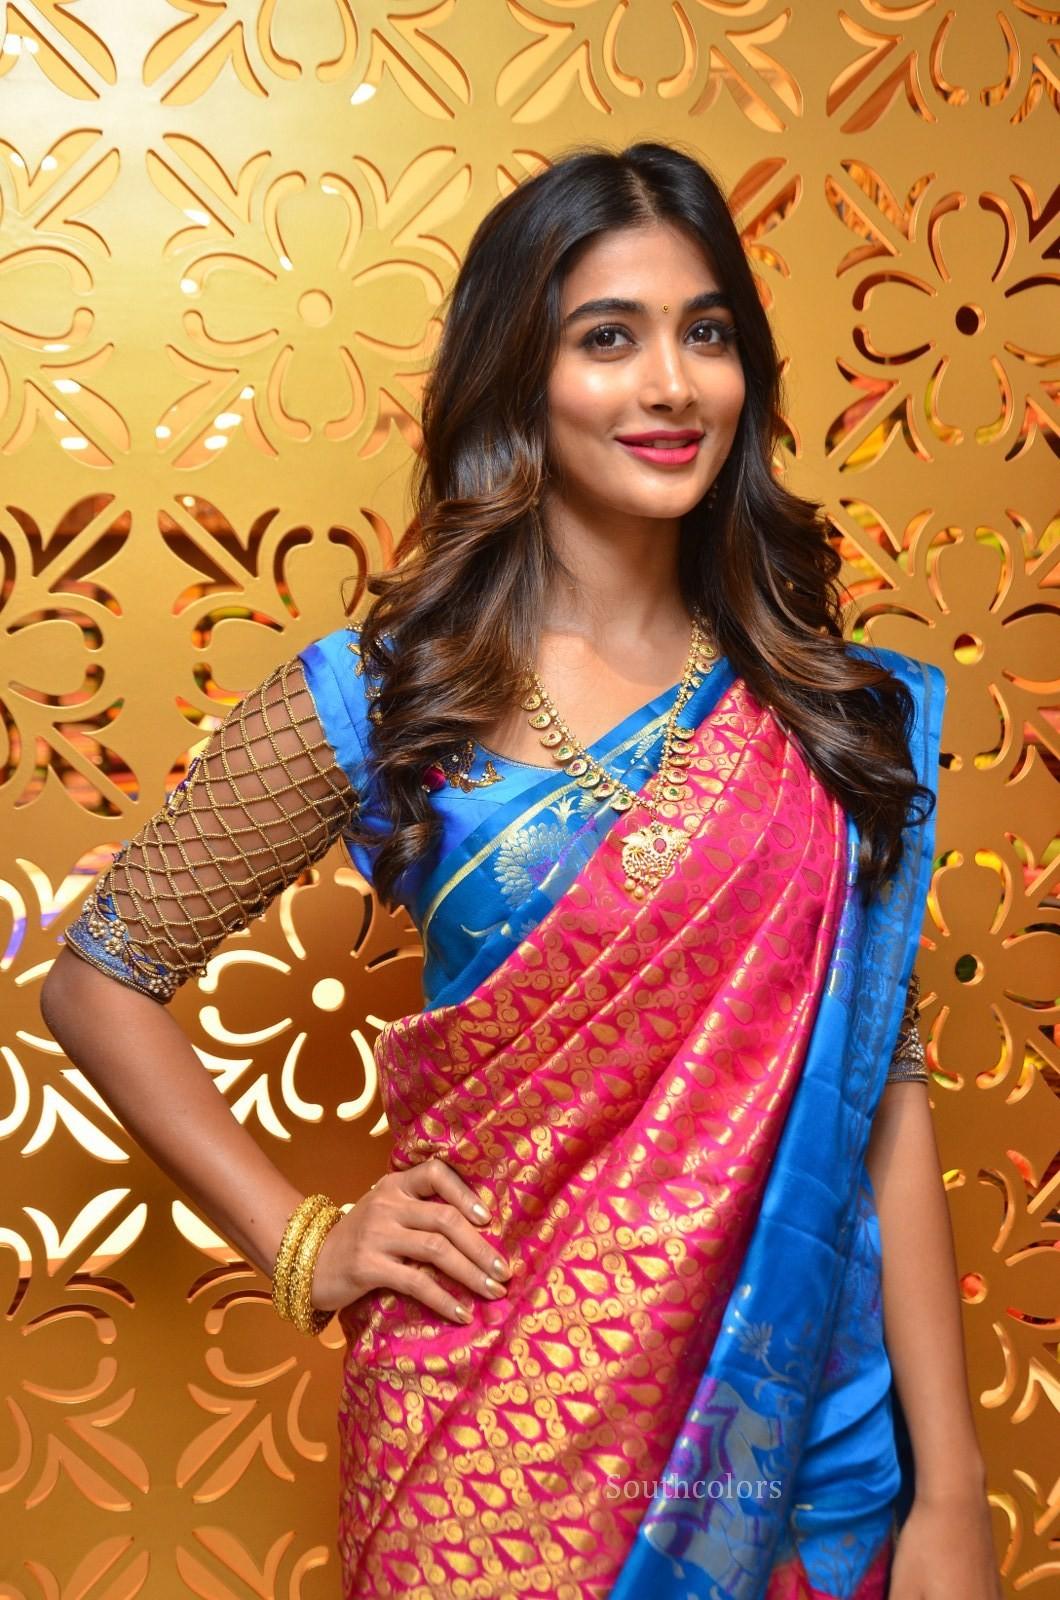 pooja hegde traditional saree photos southcolors 2